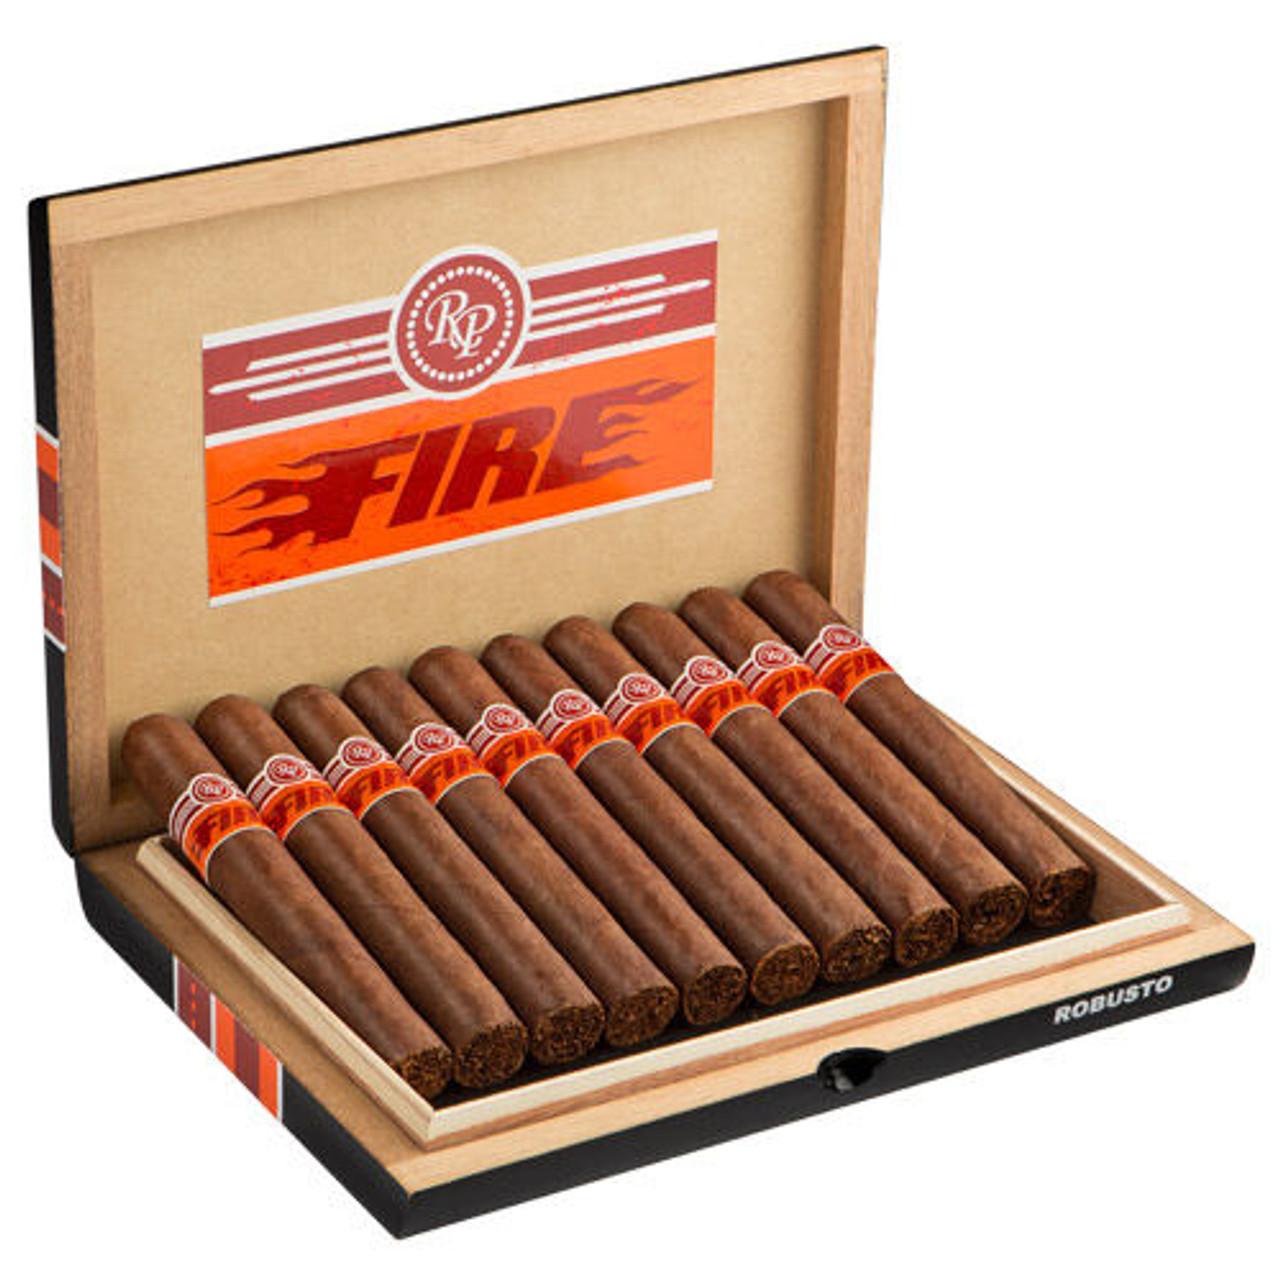 Rocky Patel Fire Gordo Sixty Cigars - 6.0 x 60 (Box of 10)